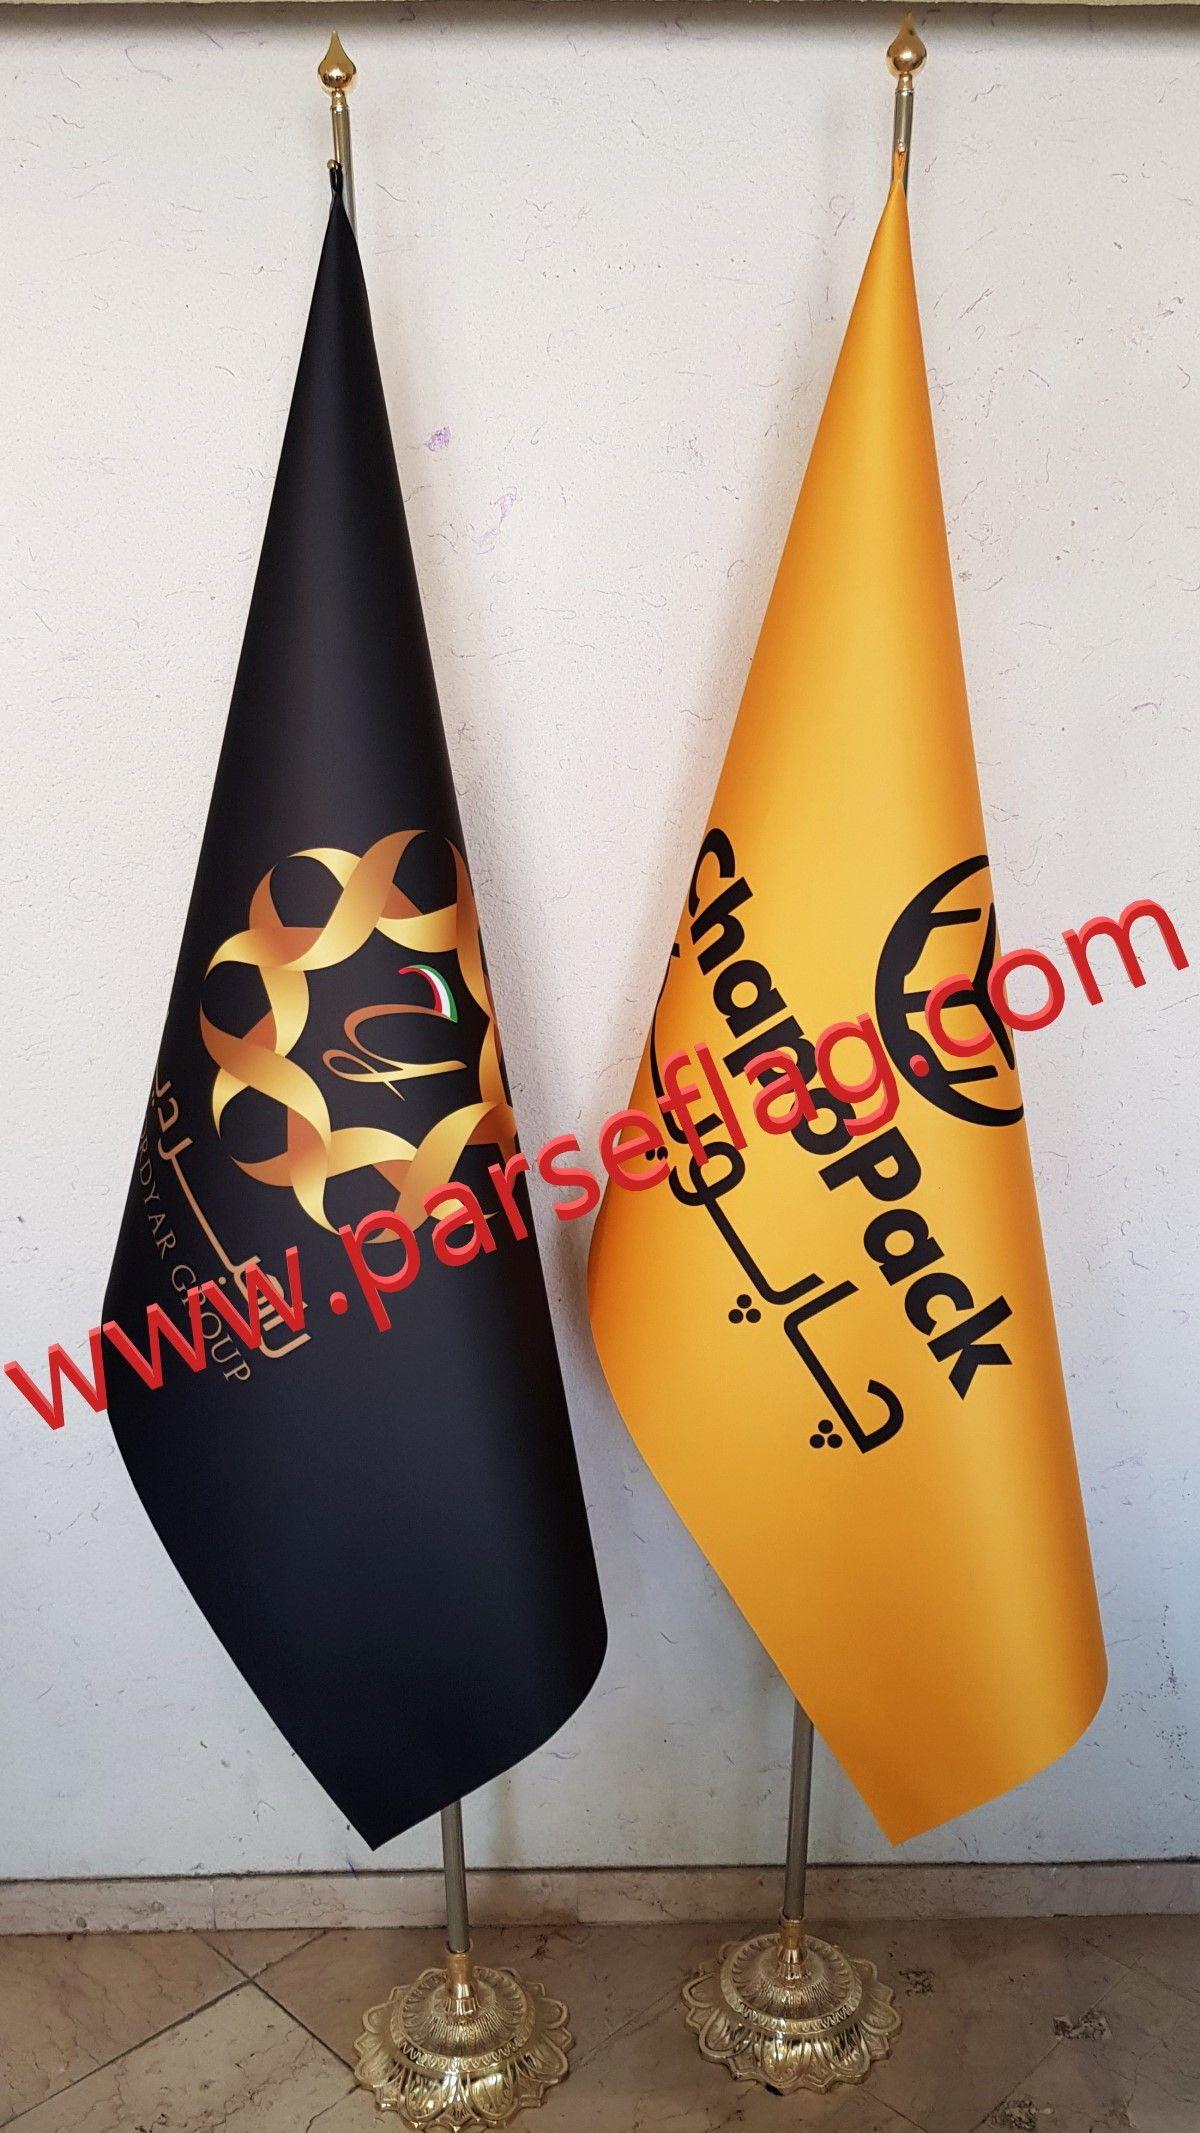 پرچم تشریفات مخروطی بدون ریشه